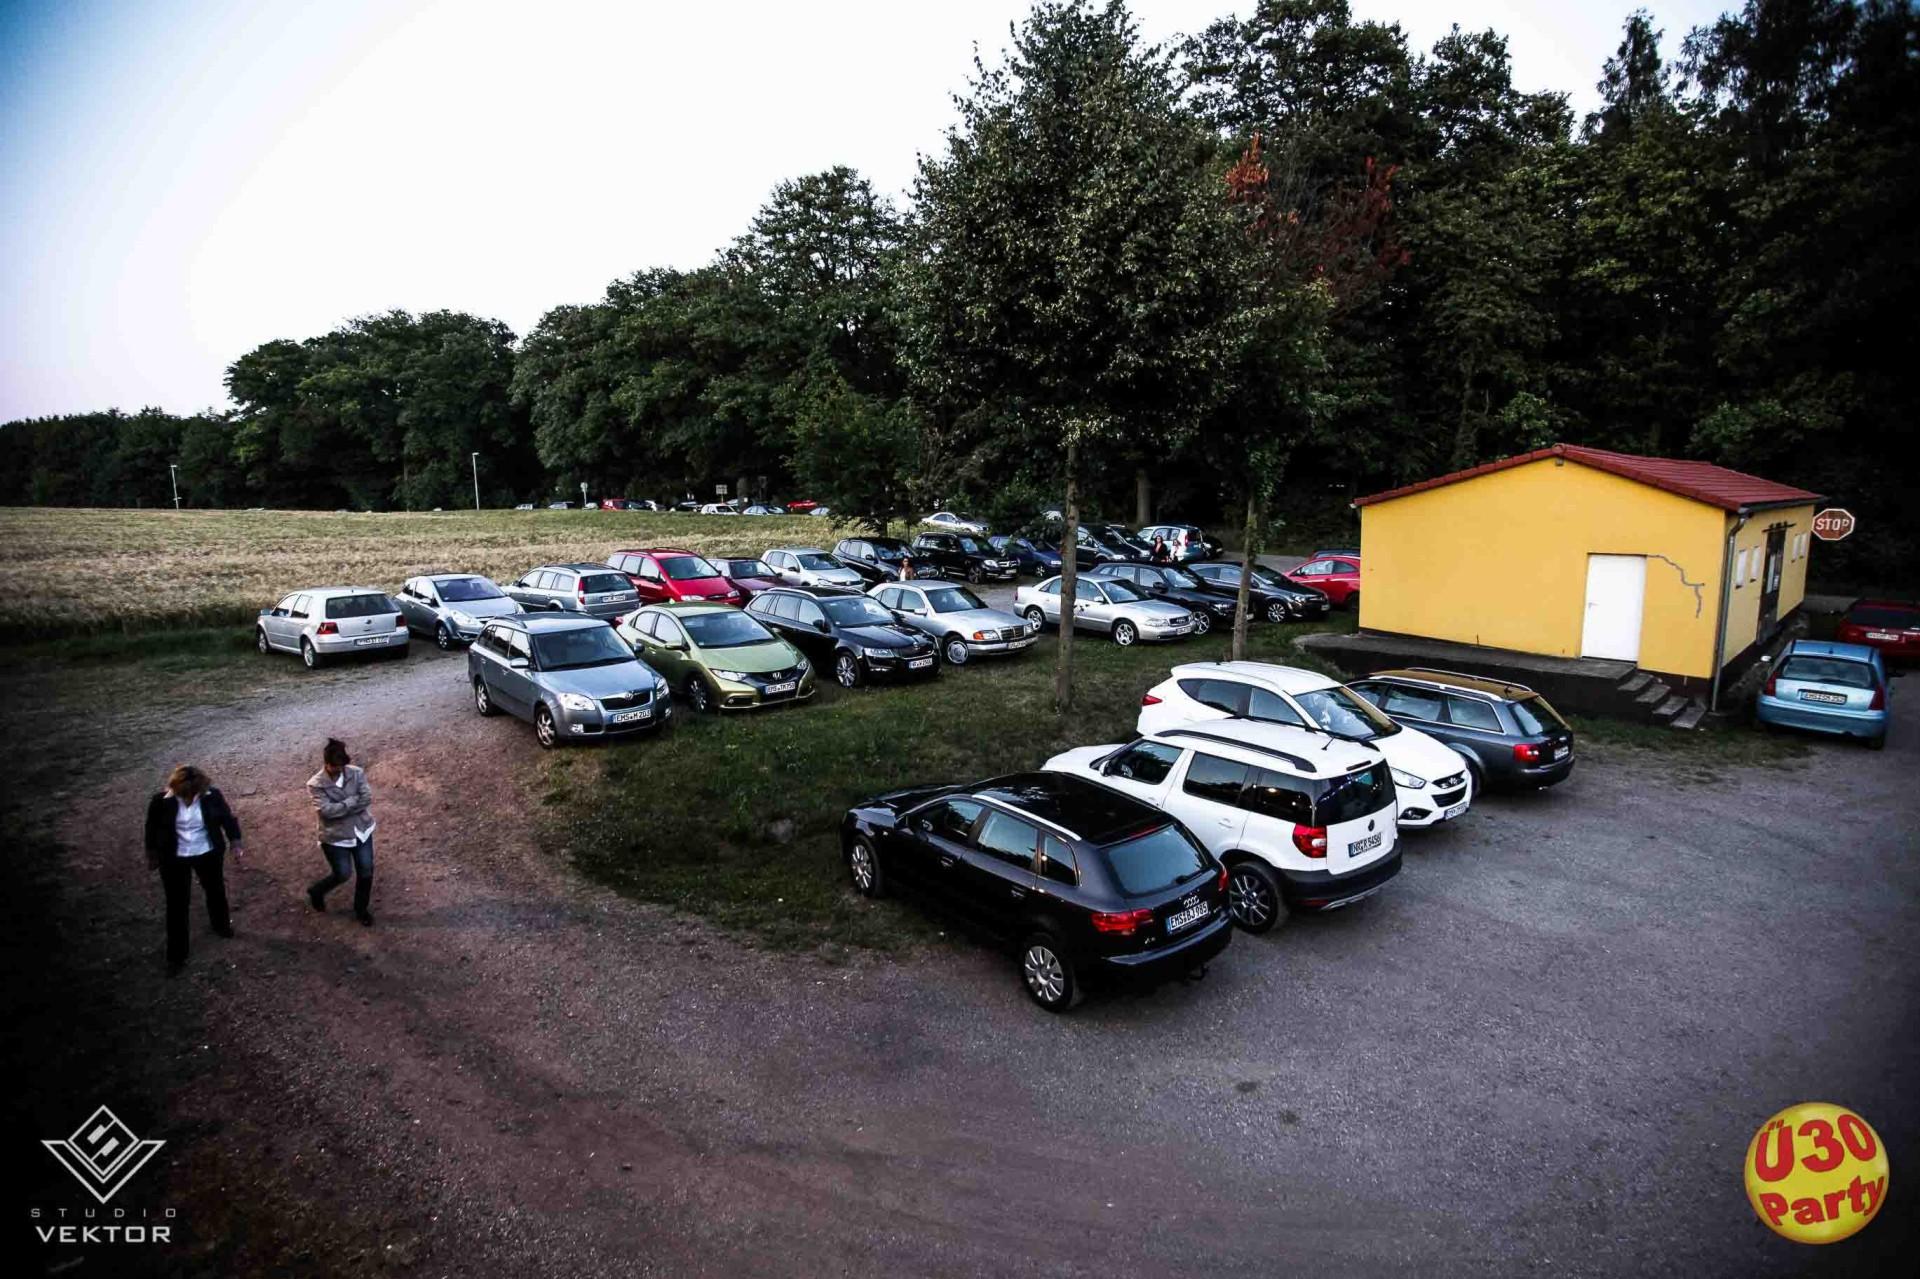 Kulturscheune lahnstein single party